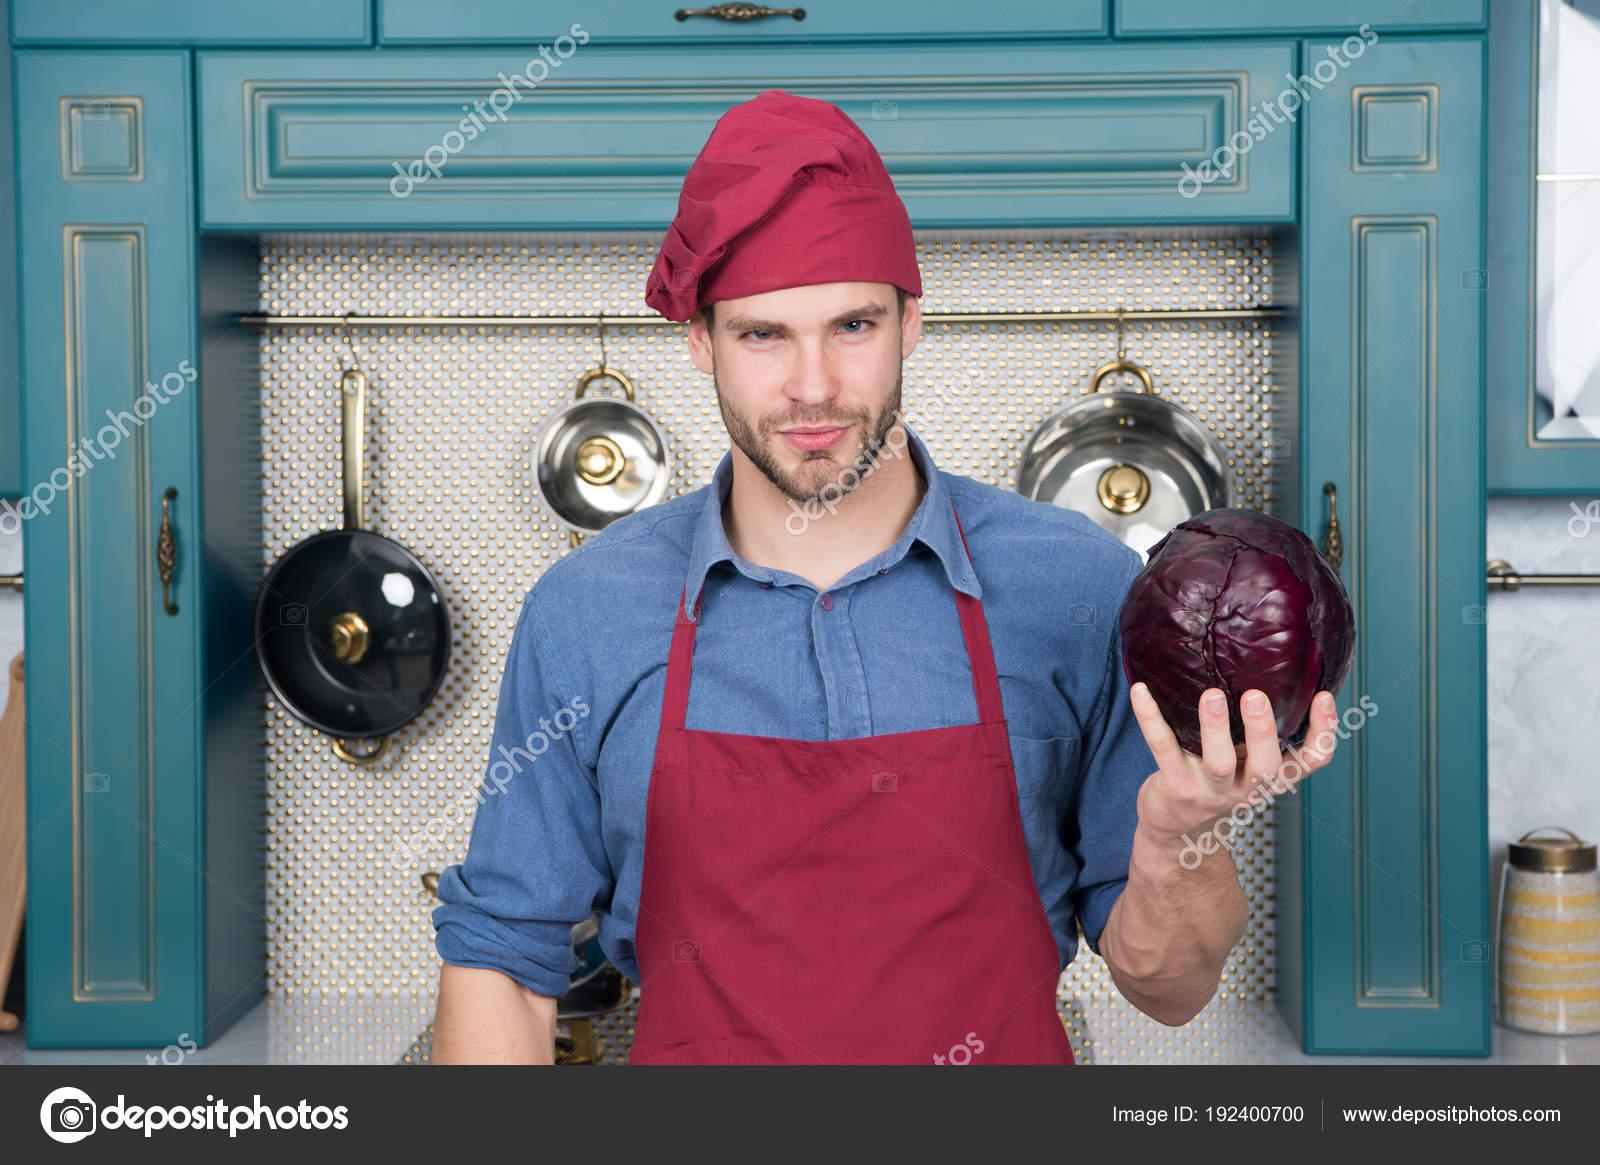 Cavolo viola della stretta dell uomo in cucina. Cuocere in cappello da chef  e grembiule. Vegetale e utensili da cucina per cucinare piatti. 511e99d9c6b8